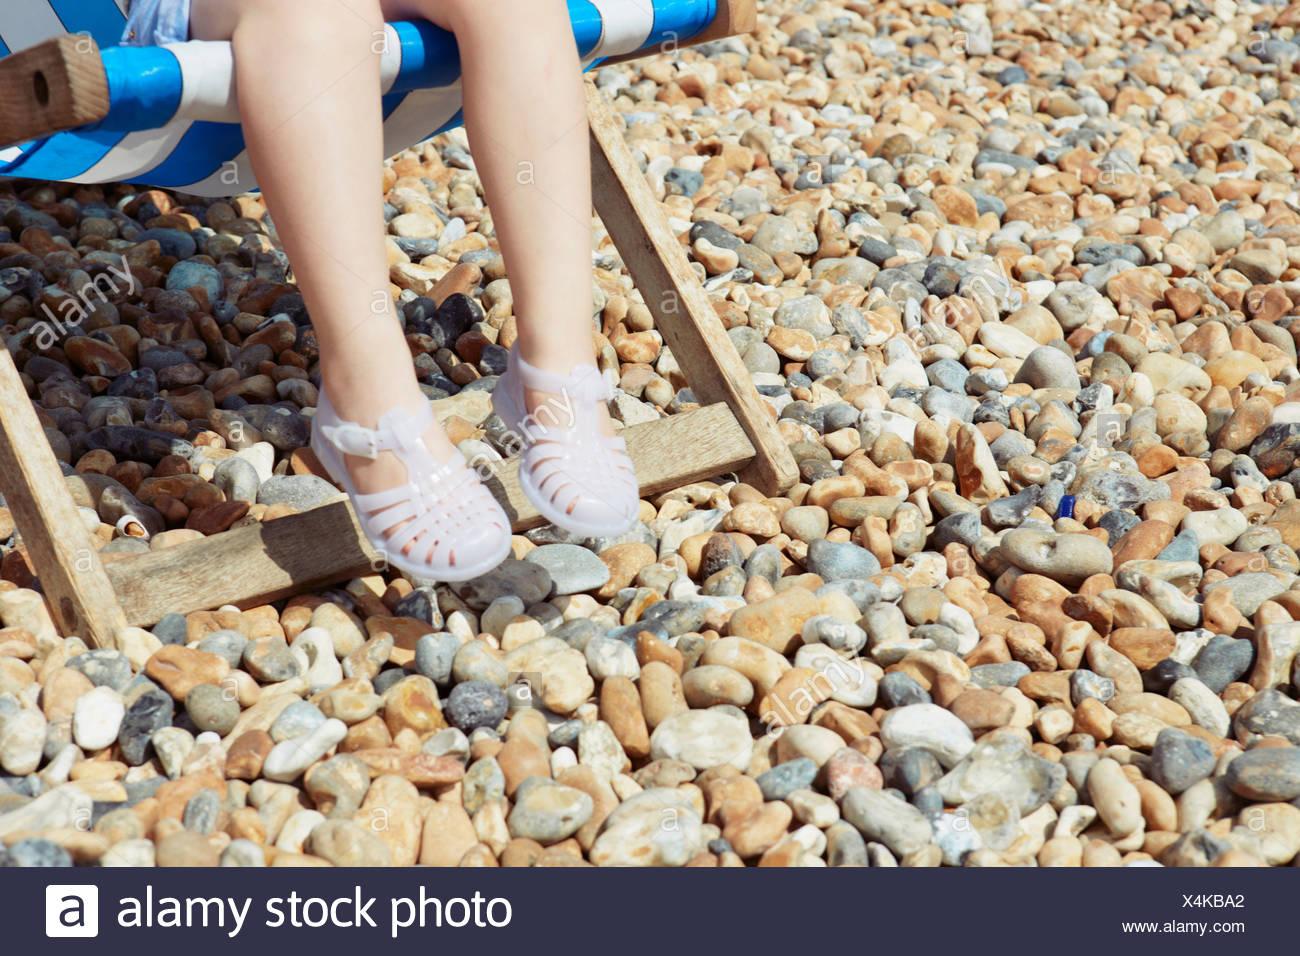 Niño con sandalias de plástico tumbona en la playa Imagen De Stock